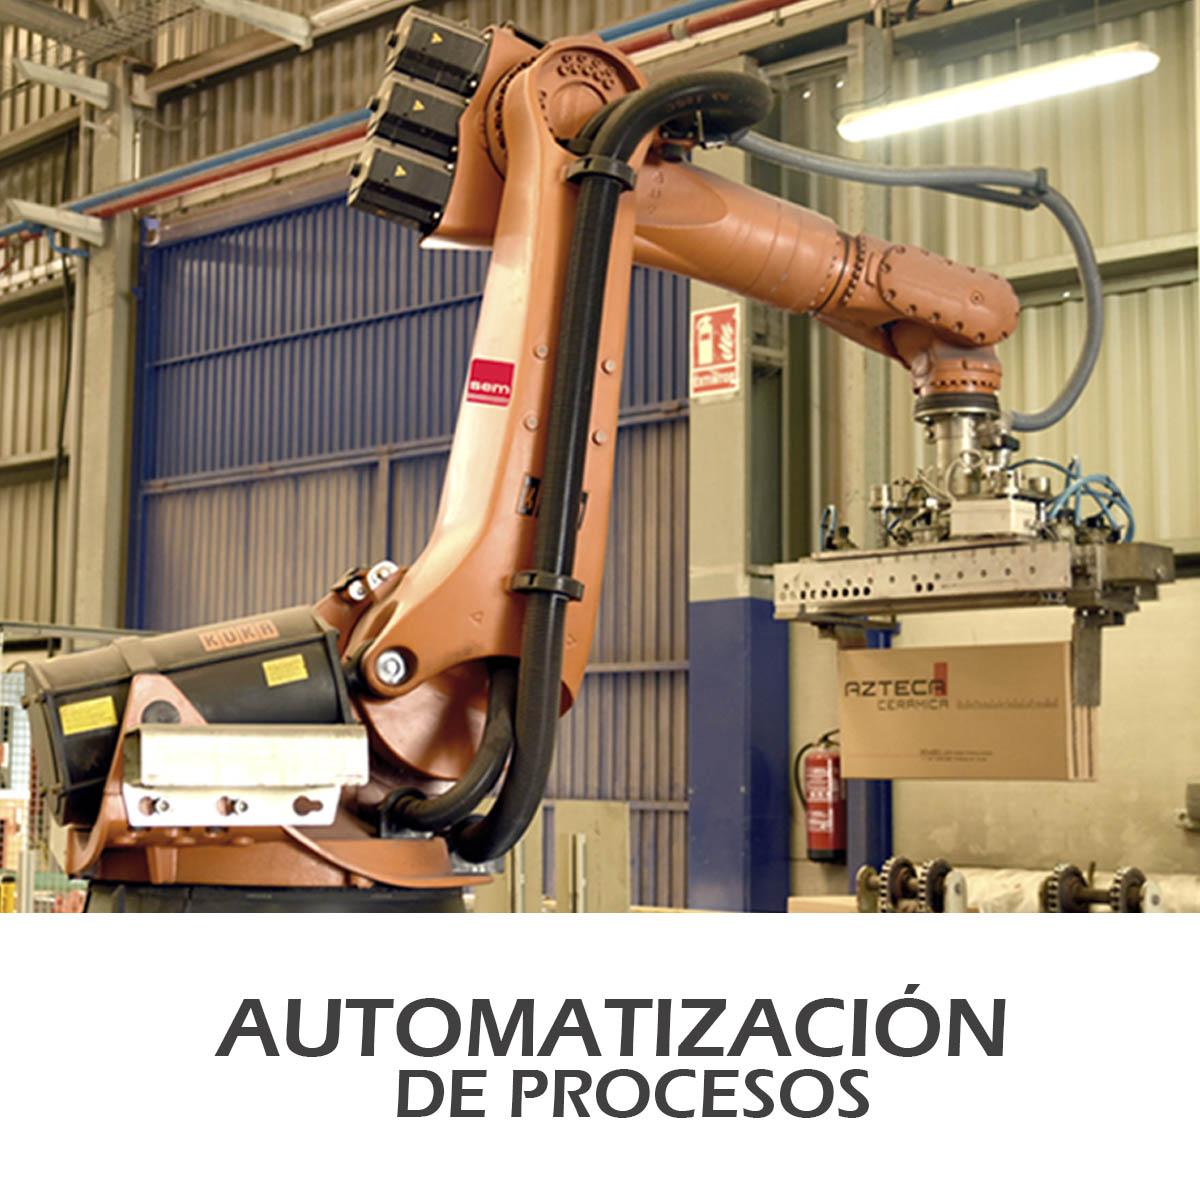 boton-automatización-procesos-autómatas-SEM